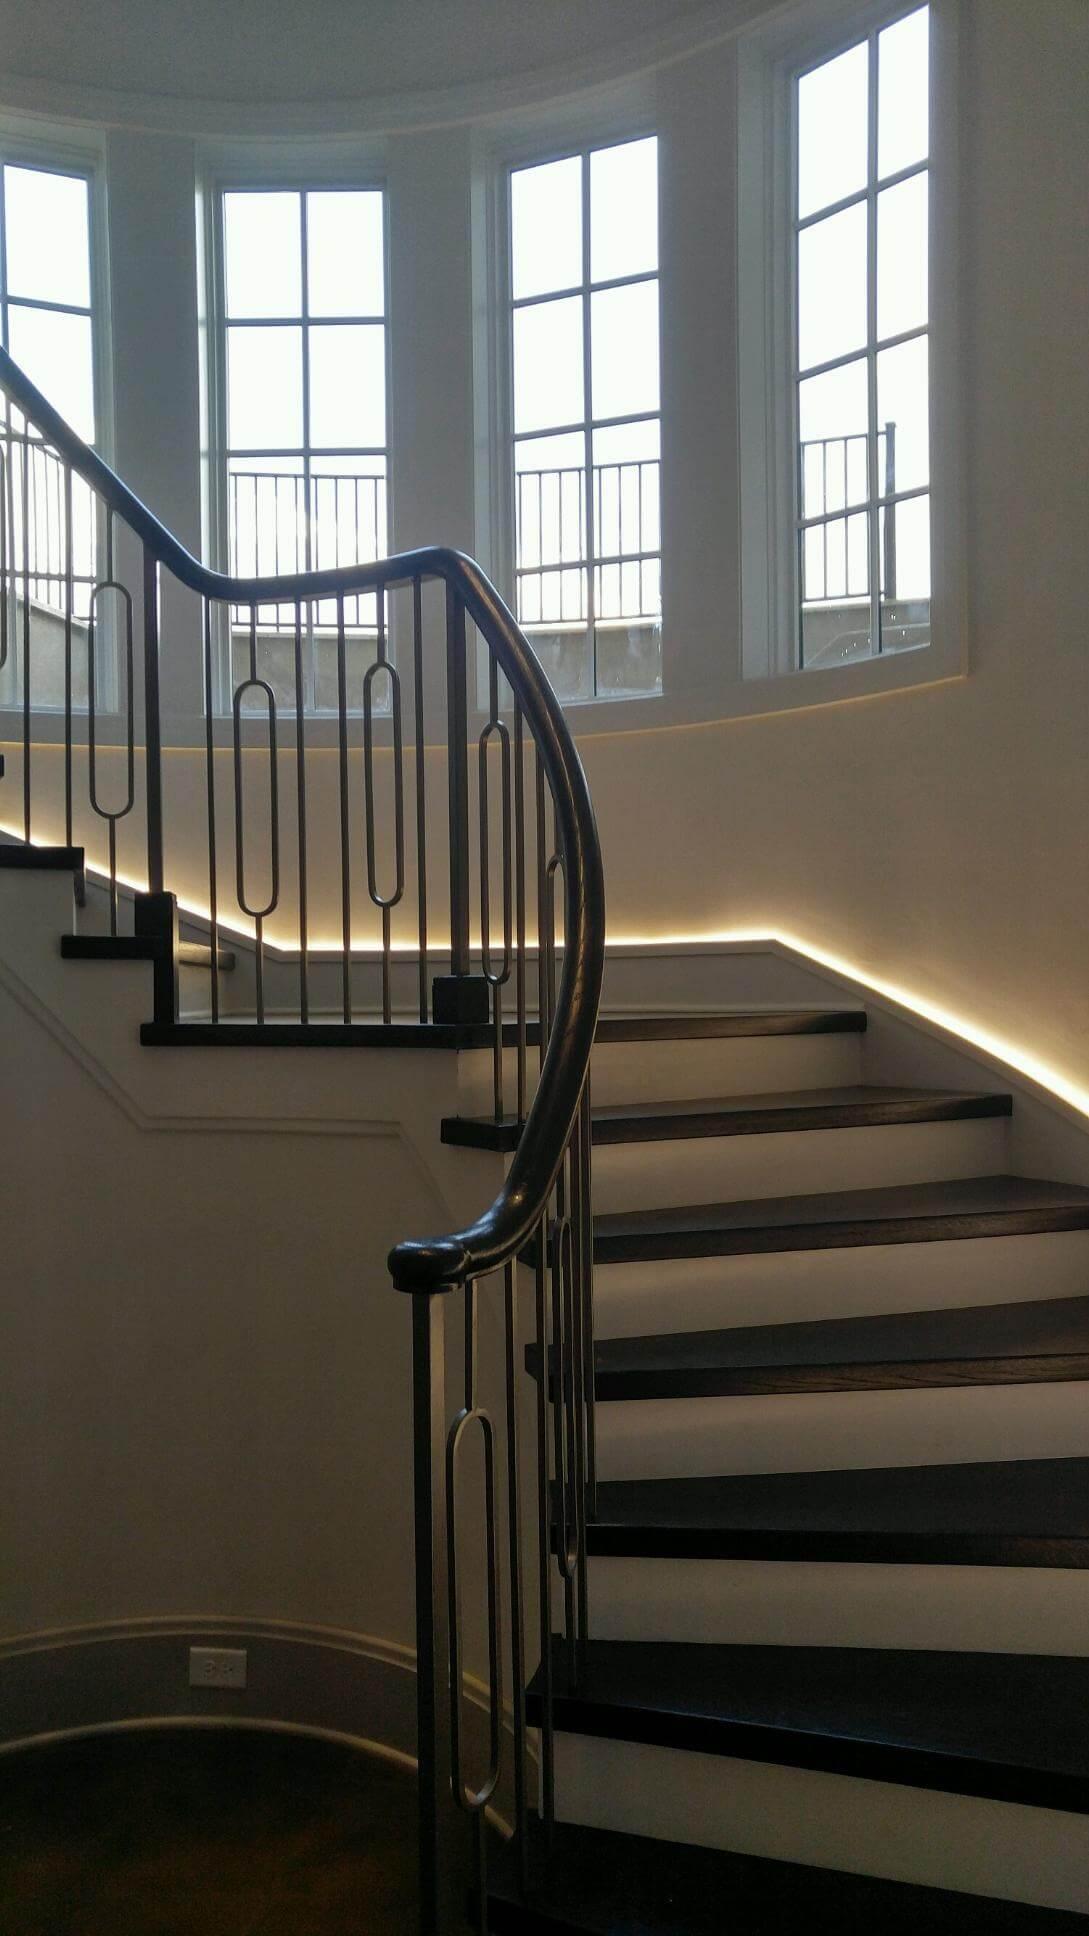 haywood house residential led tape led lighting nova flex